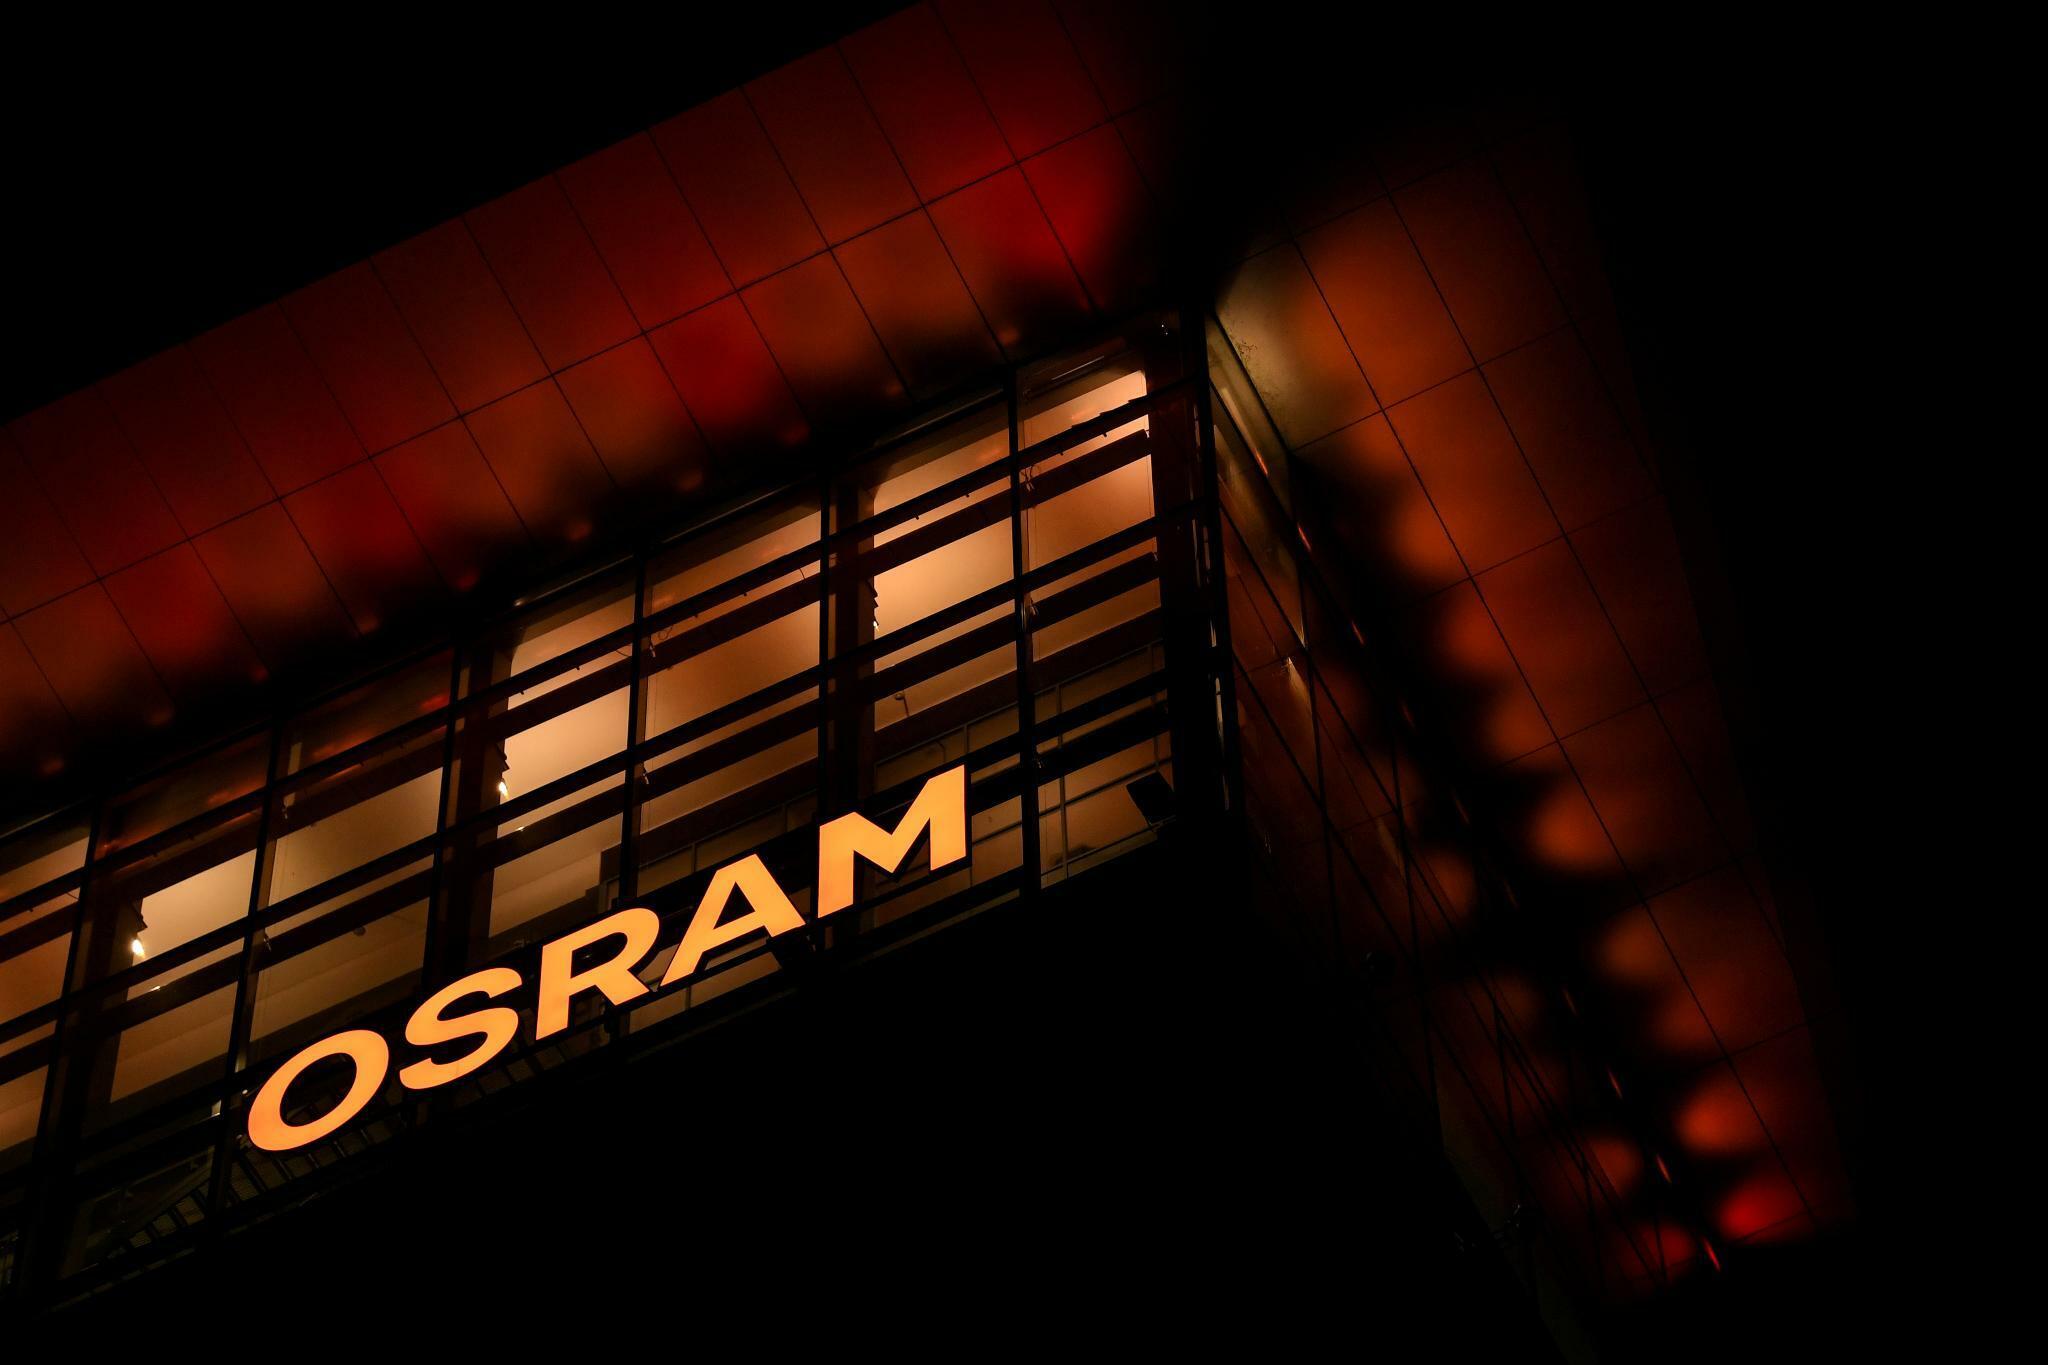 Osram: Hedgefonds steigt als neuer Großaktionär ein